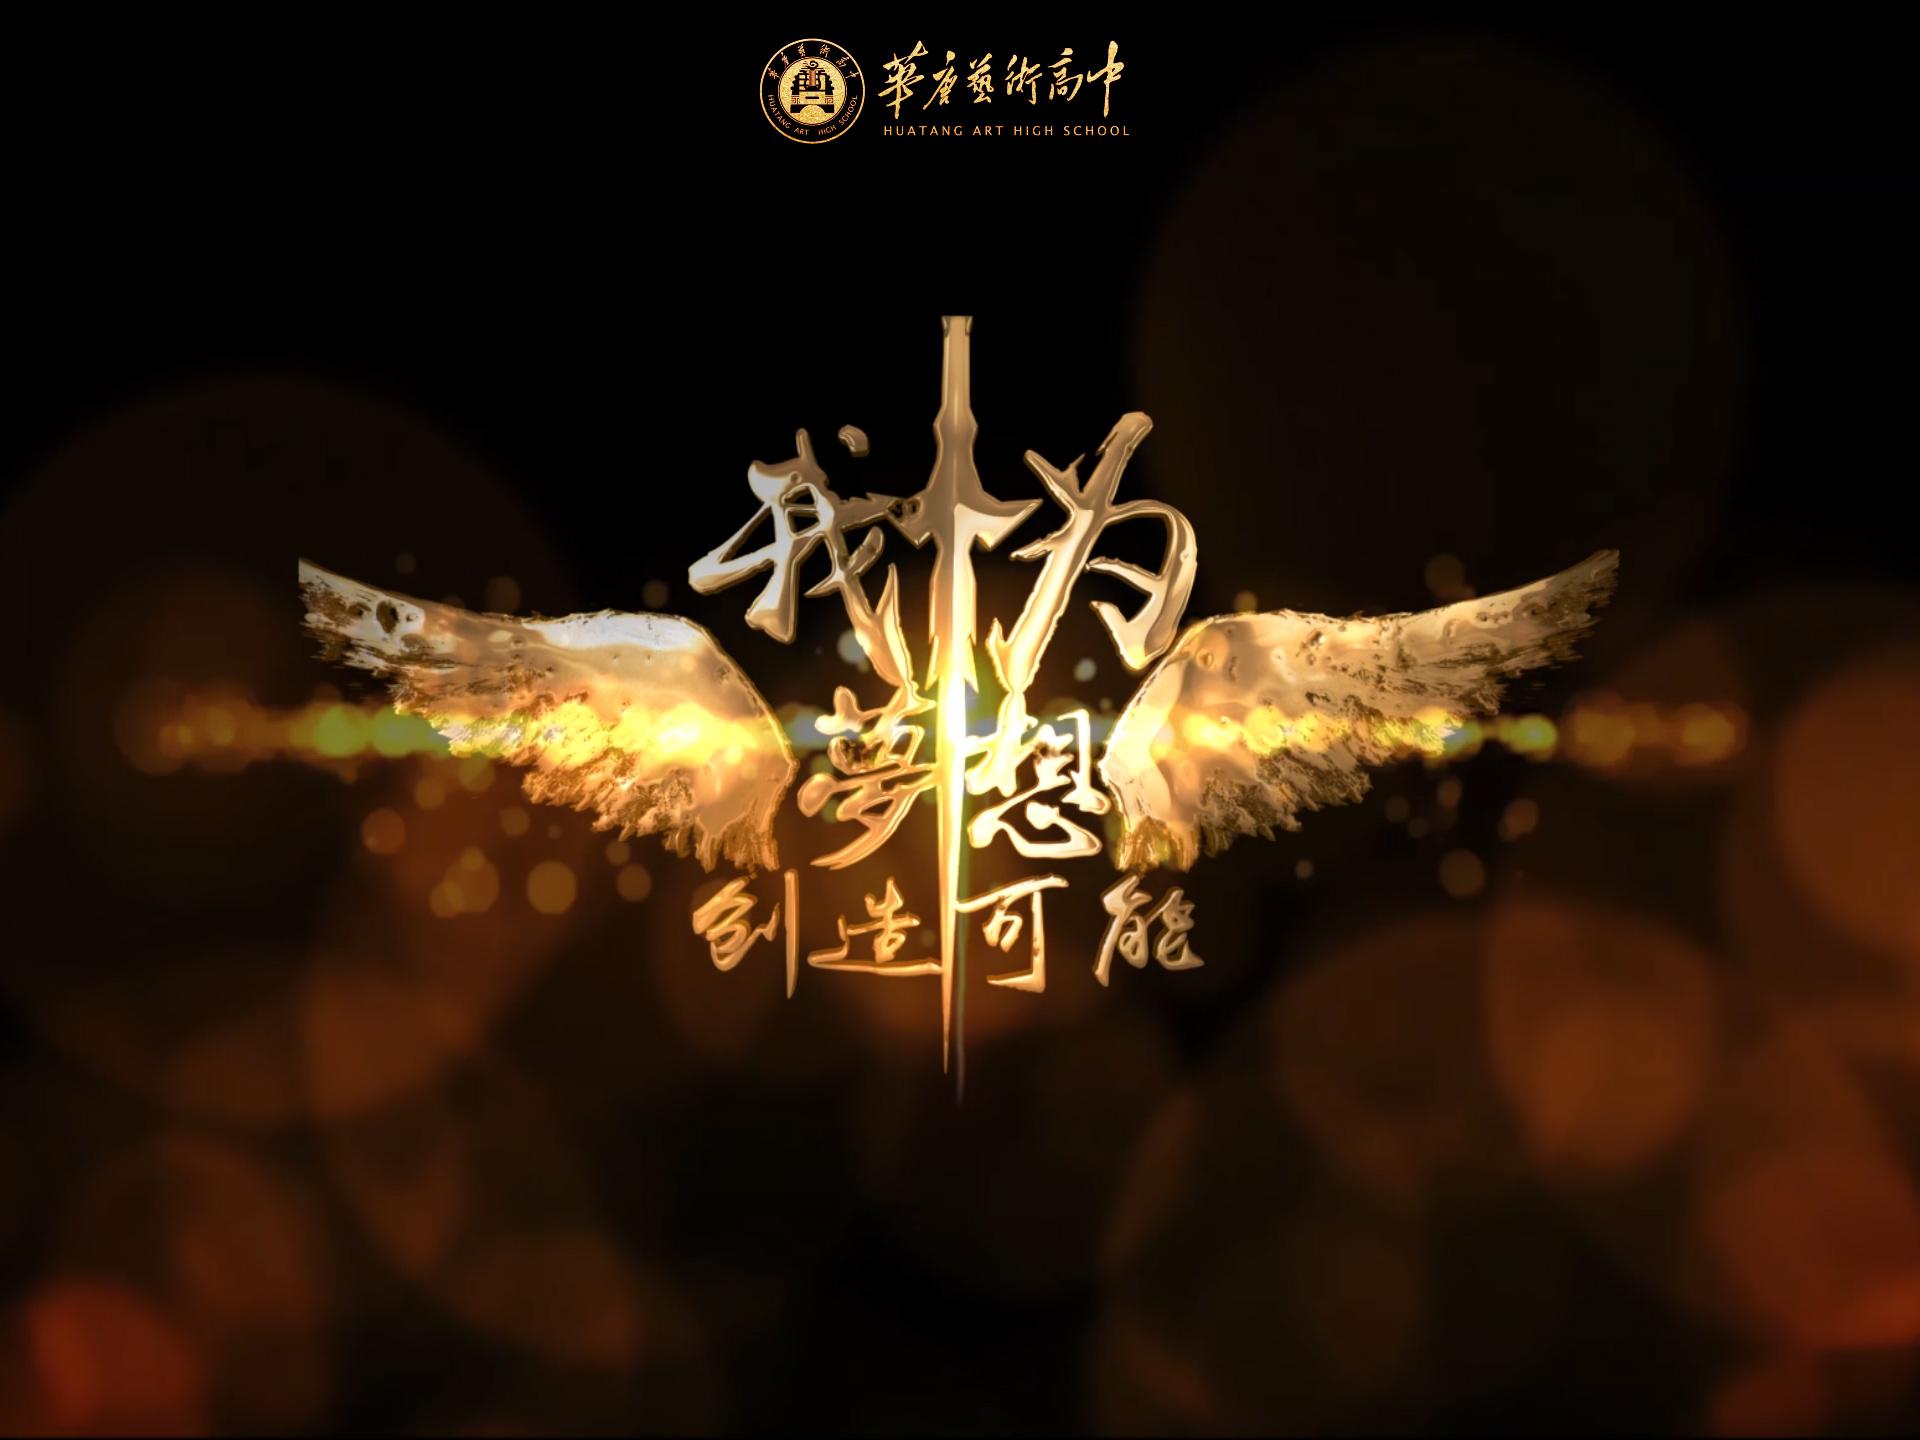 華唐藝術高中7月生日會